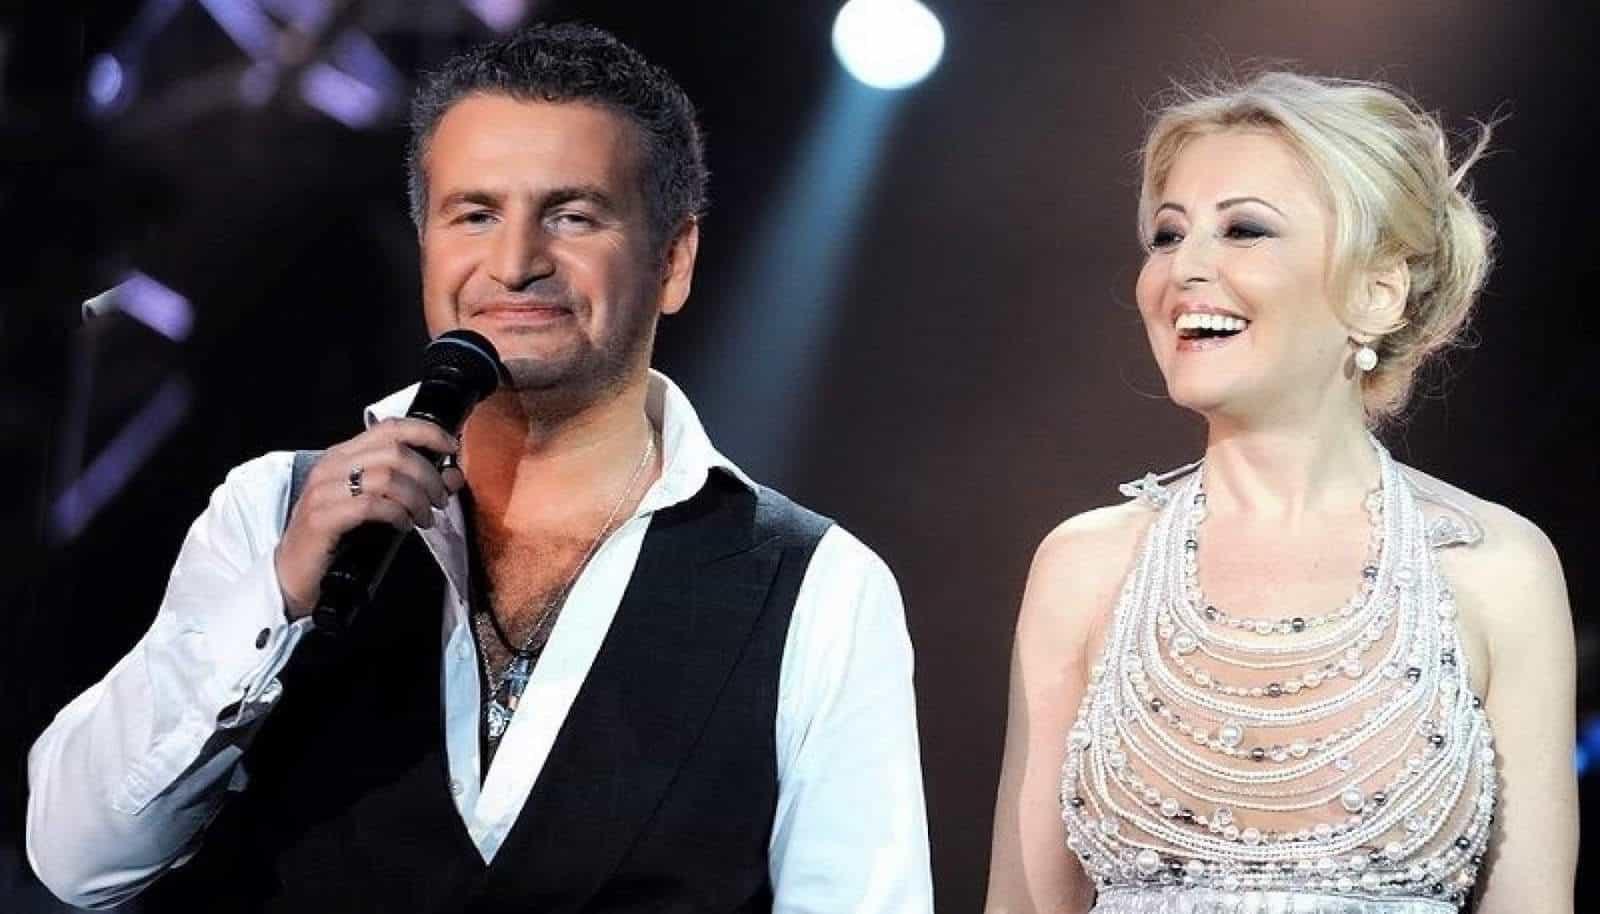 Концерт Анжелики Варум и Леонида Агутина в Москве